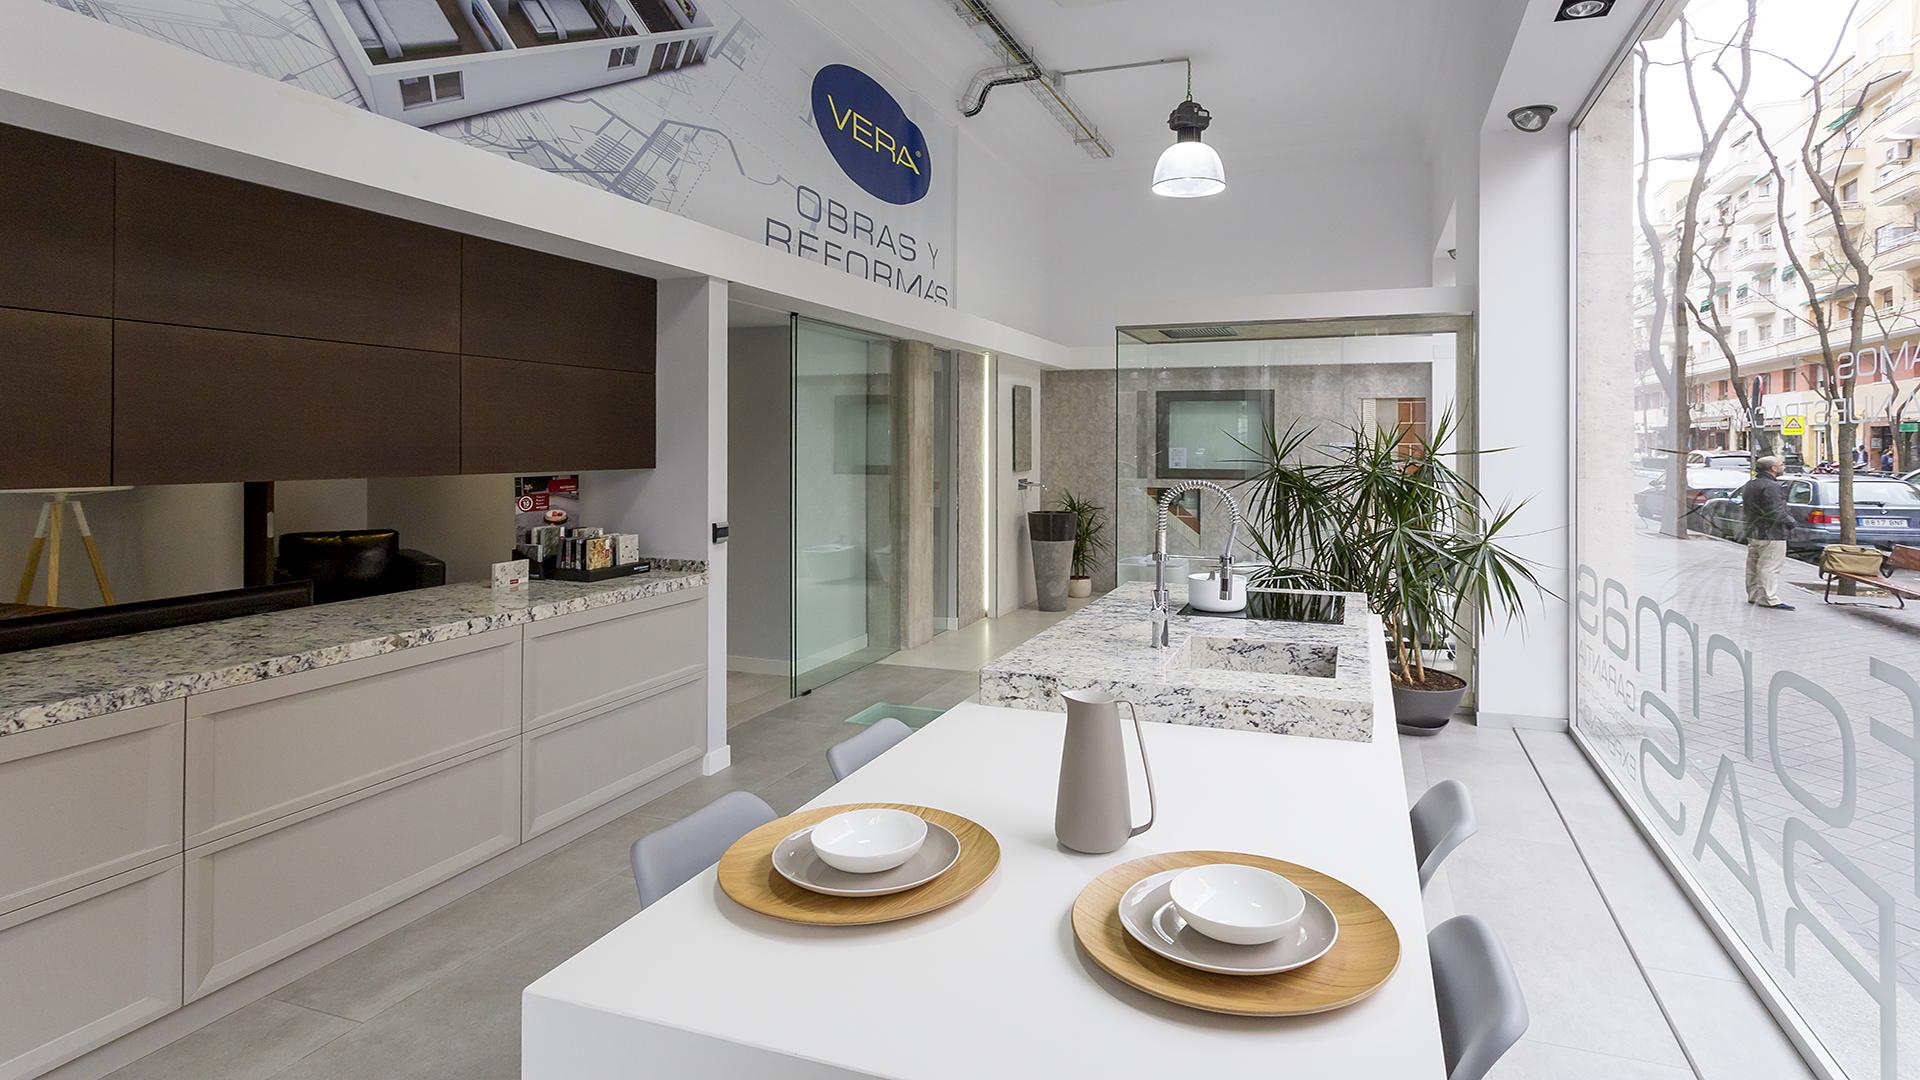 Showroom cocina reformas Vera